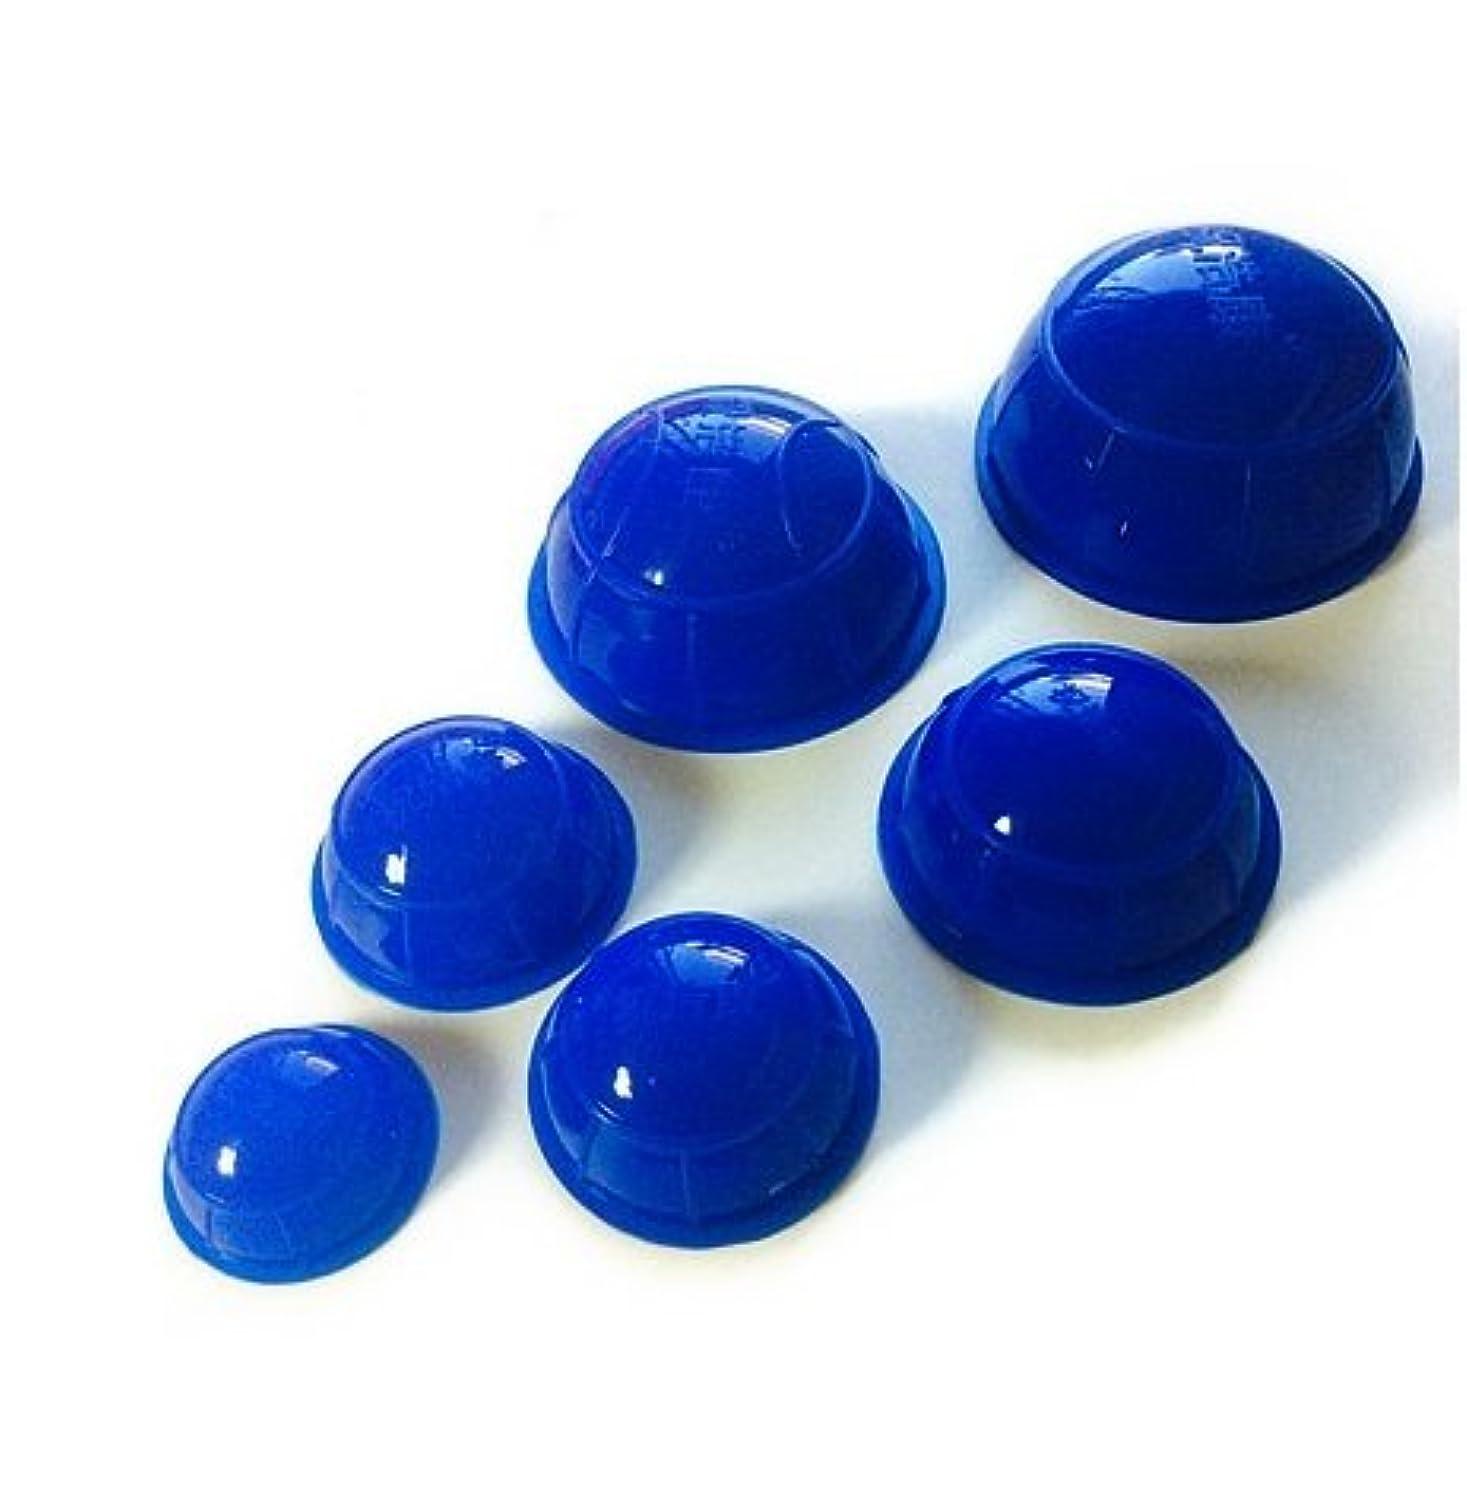 迫害悪性腫瘍債権者簡易 吸い玉6個セット ブルー 大中小5種類の大きさ